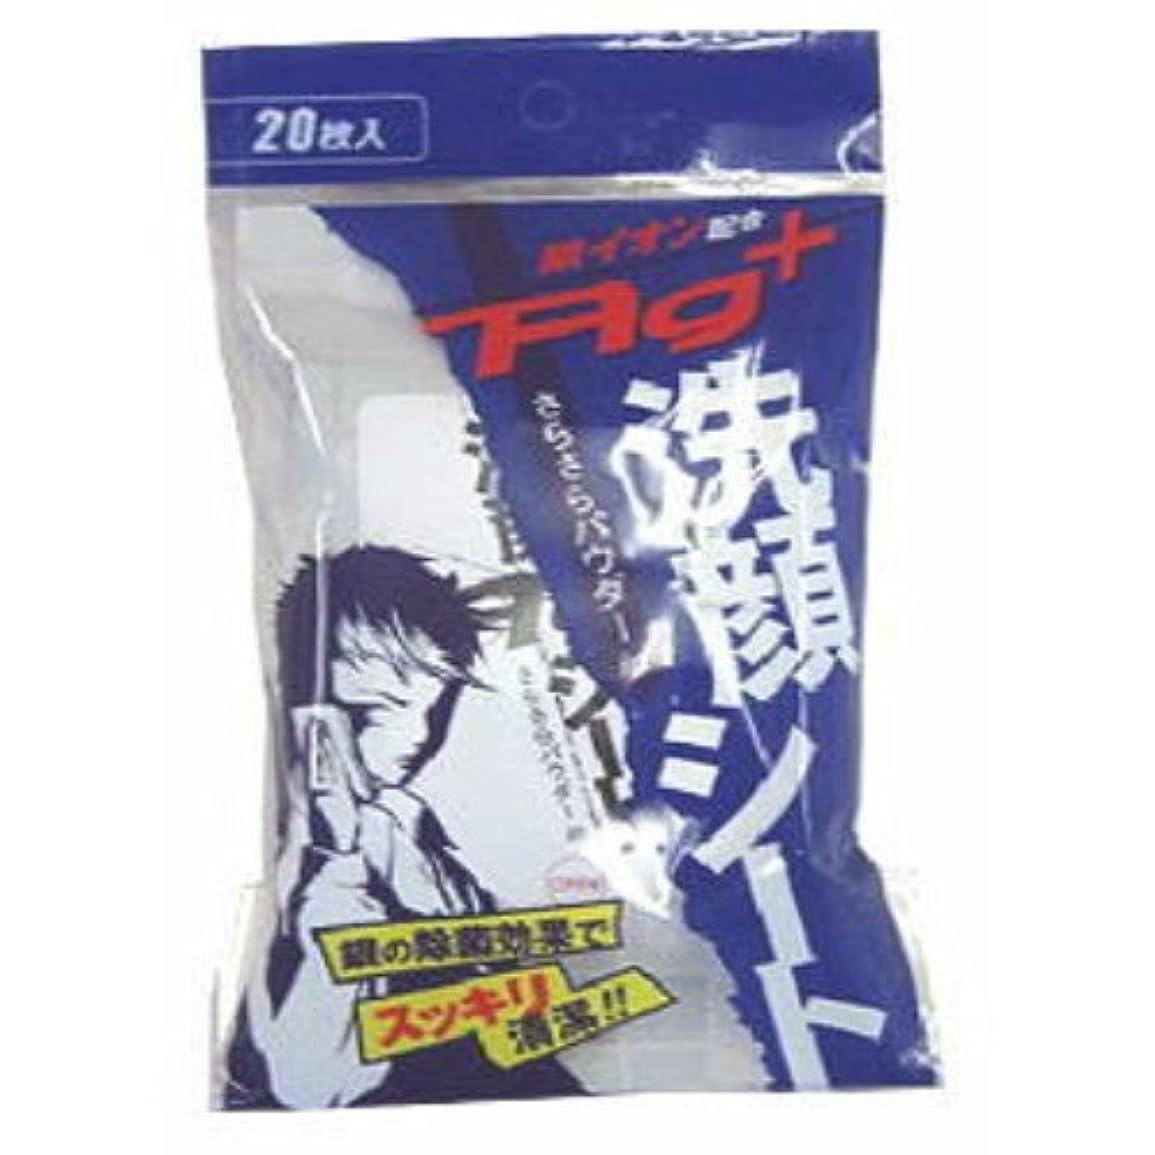 セッション受粉する人気の昭和紙工業 JEL メンズ AGプラス 洗顔シート20枚×10点セット ( 4957434001751 )